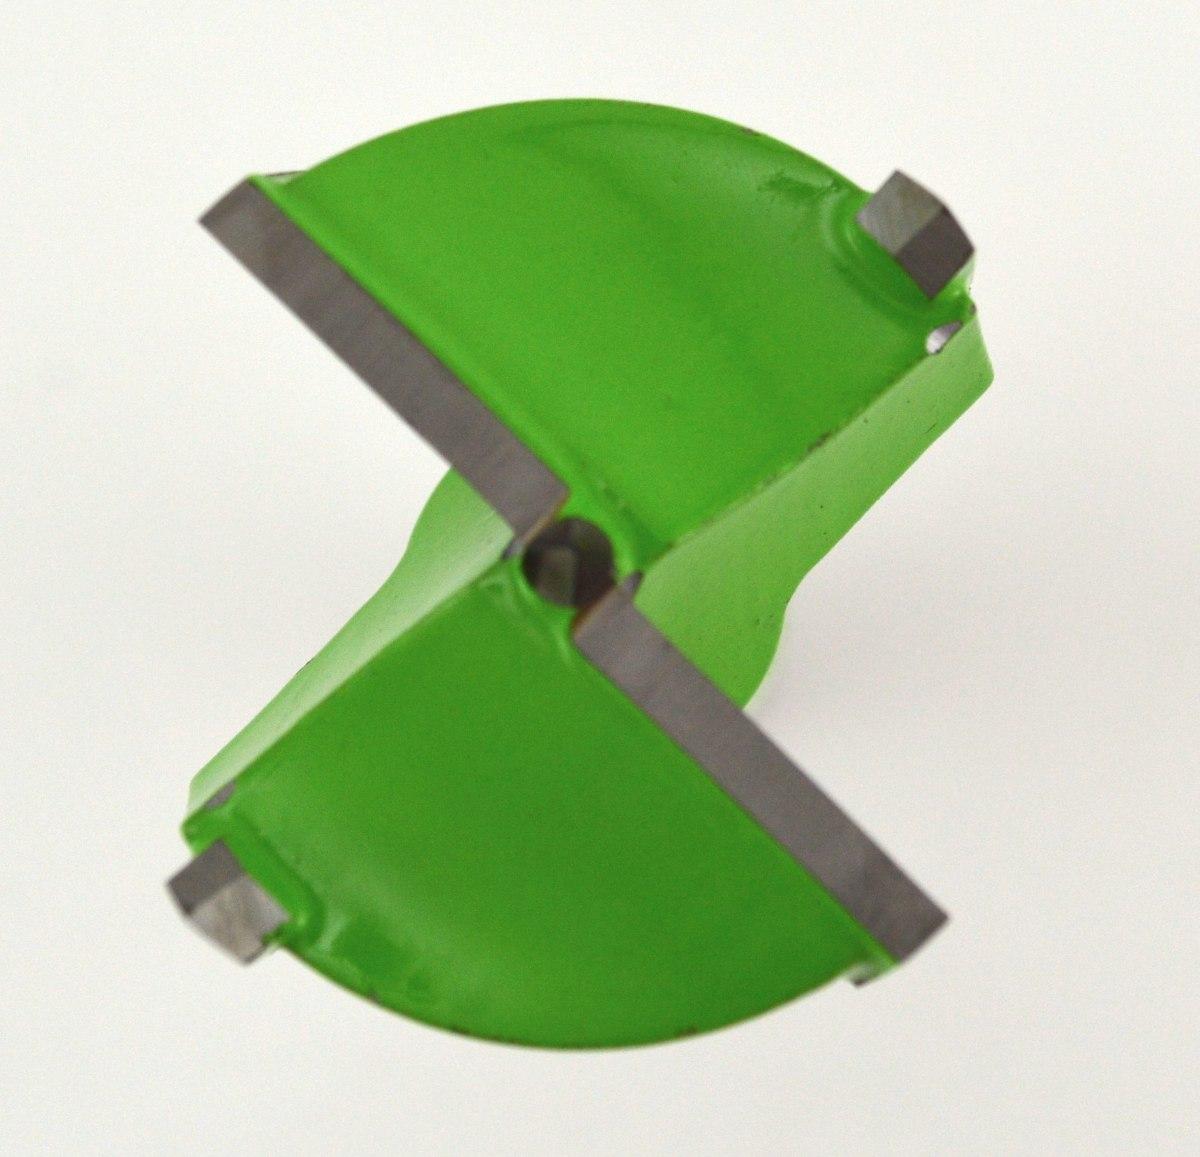 Broca de 35mm para cazoleta bisagra bidimensional en mercado libre - Bisagras sin cazoleta ...